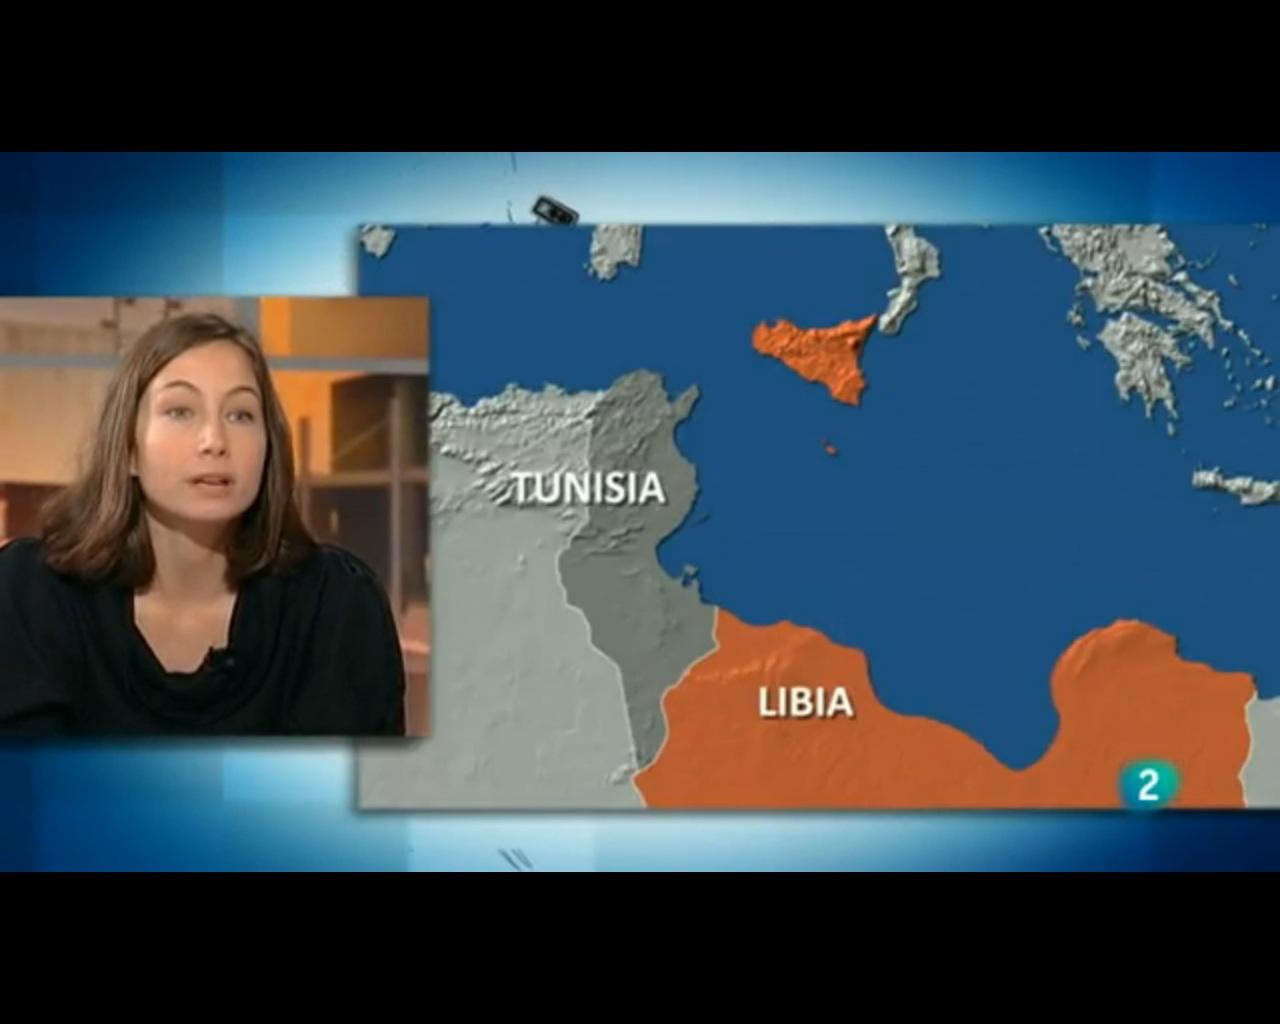 700 Persones Mortes Al Mediterrani: Quan Canviarà La Política De La Unió Europea Amb Les Fronteres?